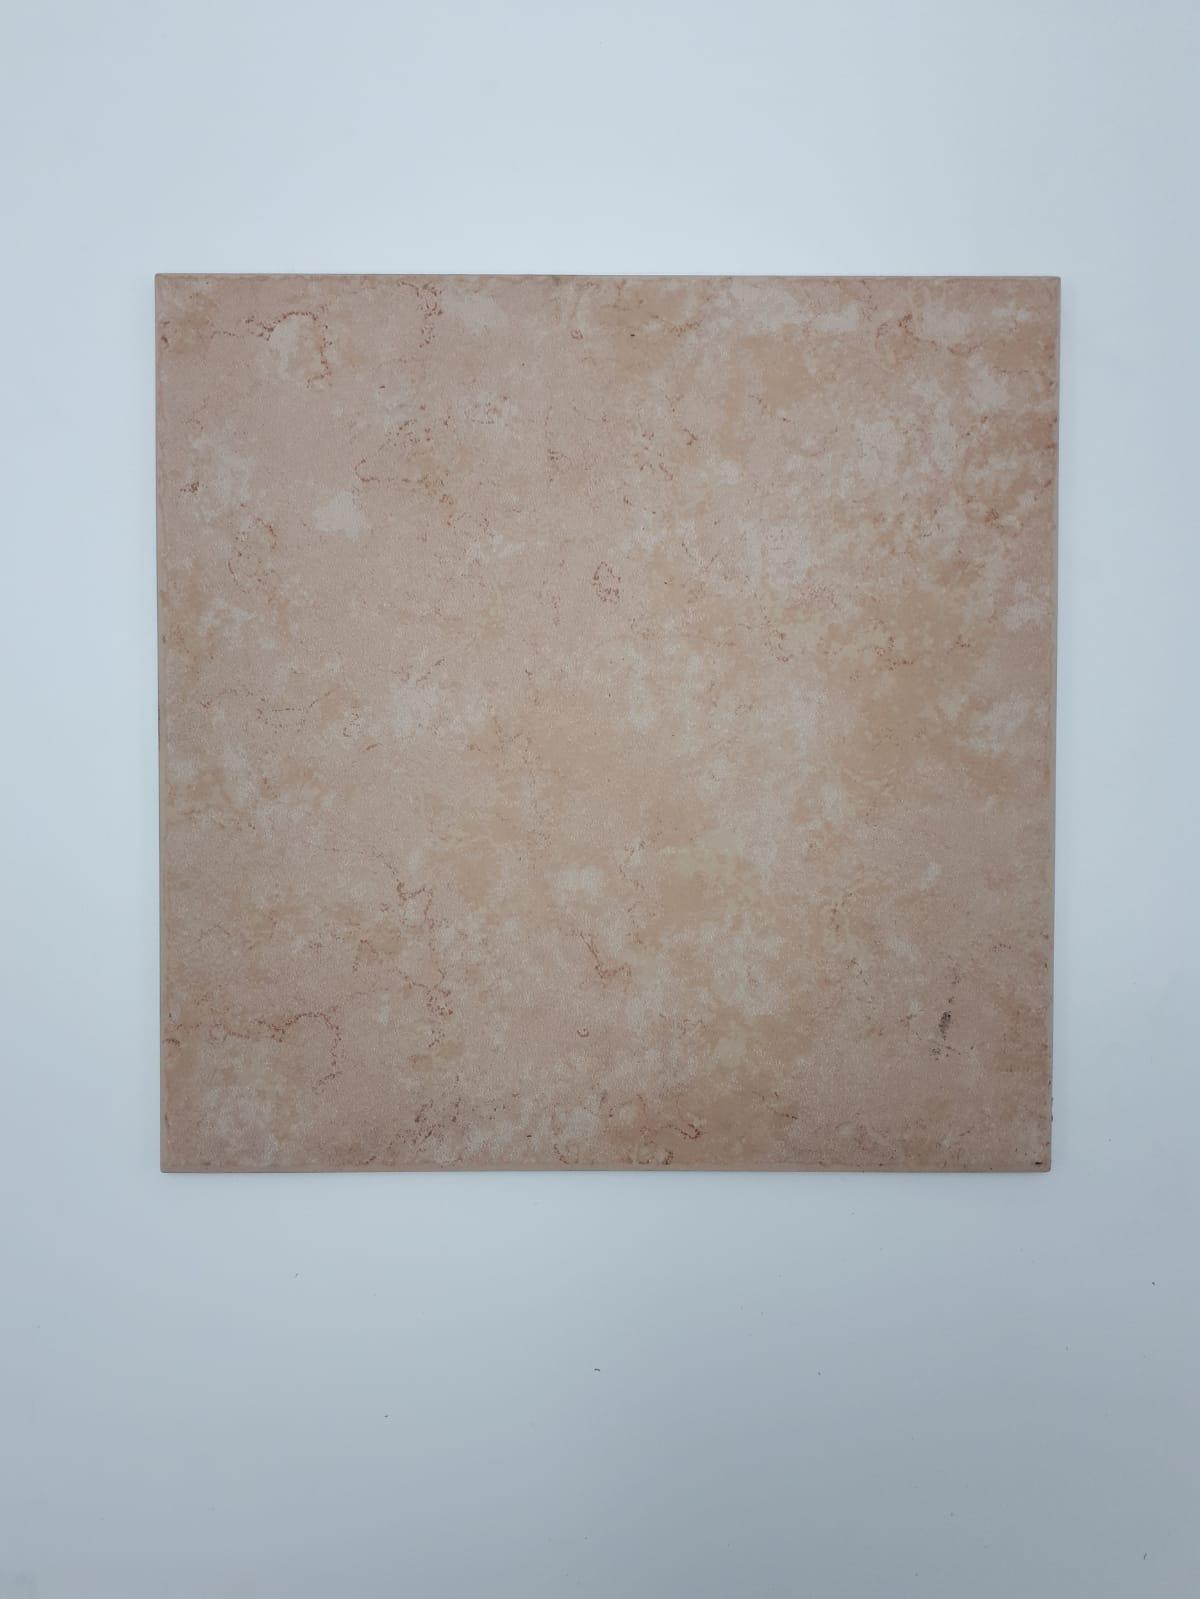 Gres Porcellanato Smaltato Caratteristiche piastrelle pavimento gres porcellanato pantheon cipria 30x30 1 mq